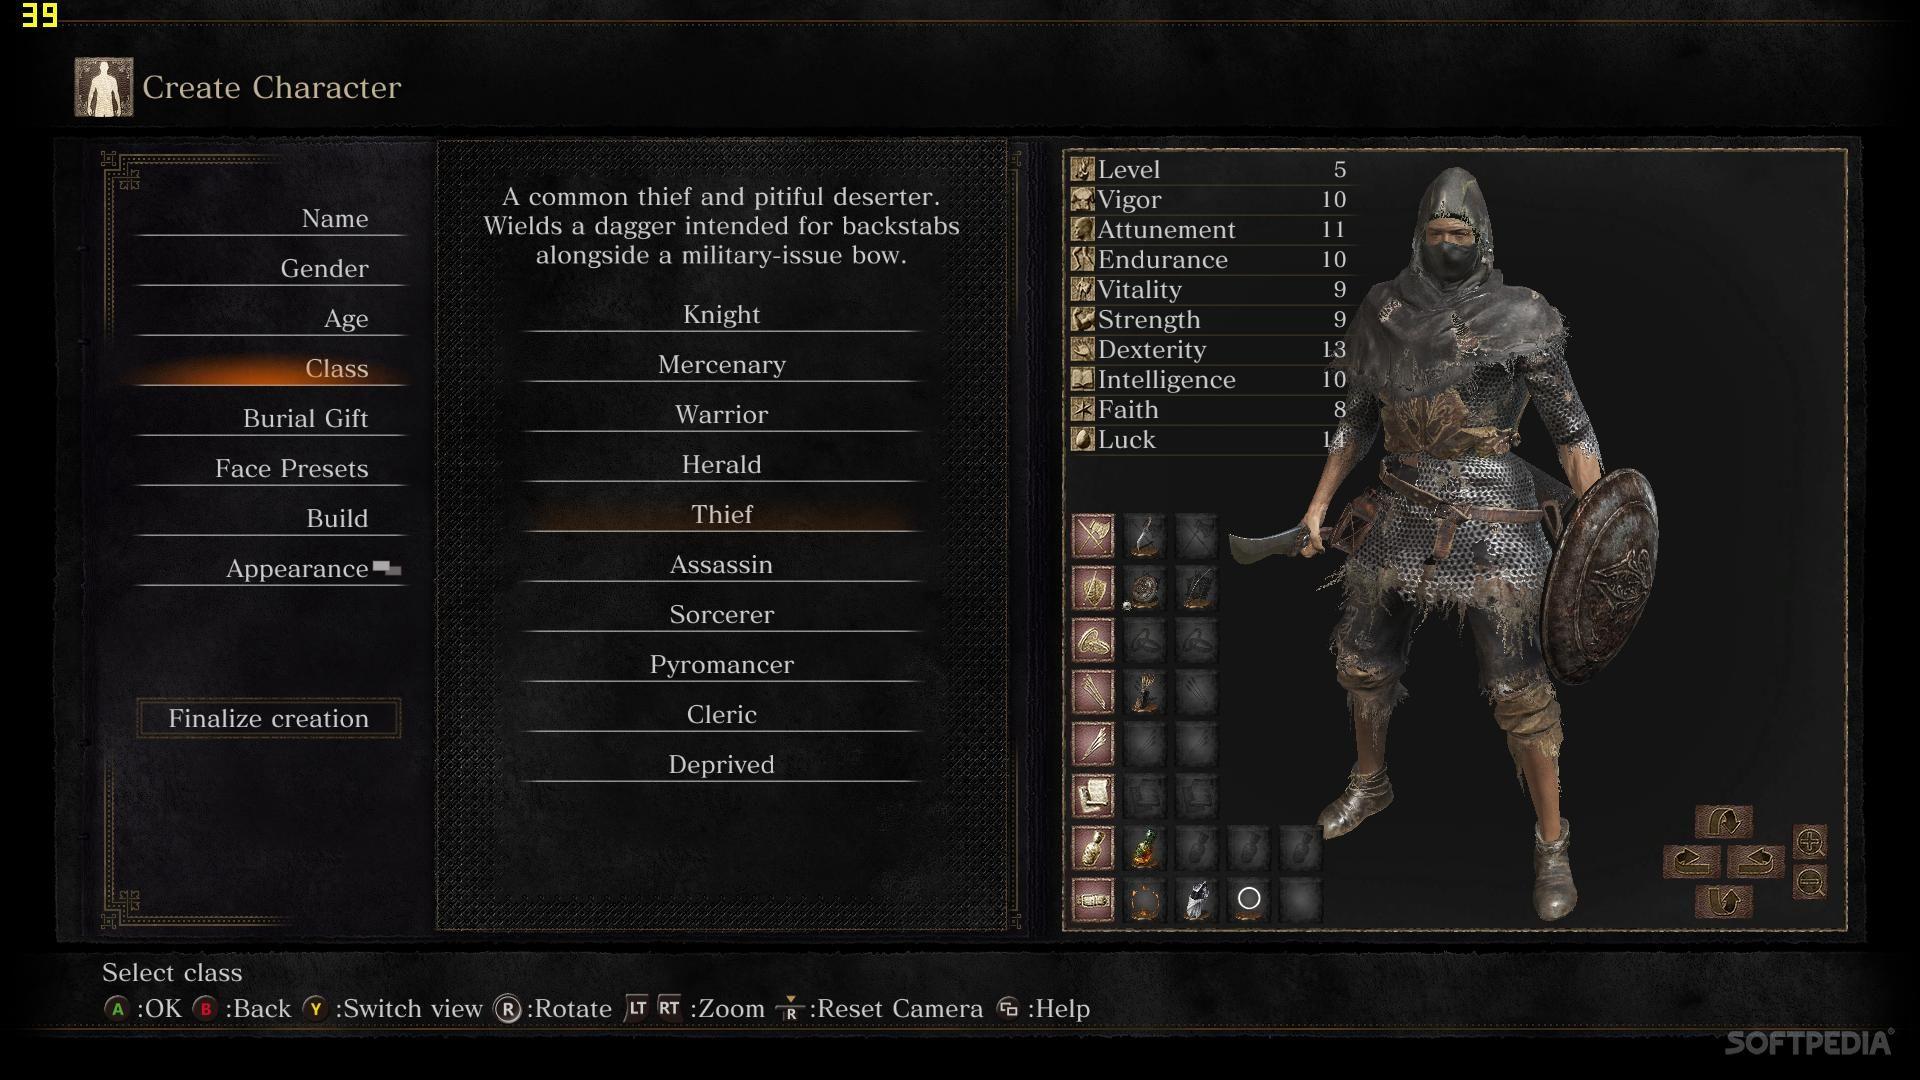 Dark Souls Ii Review: Dark Souls 3 Review (PC